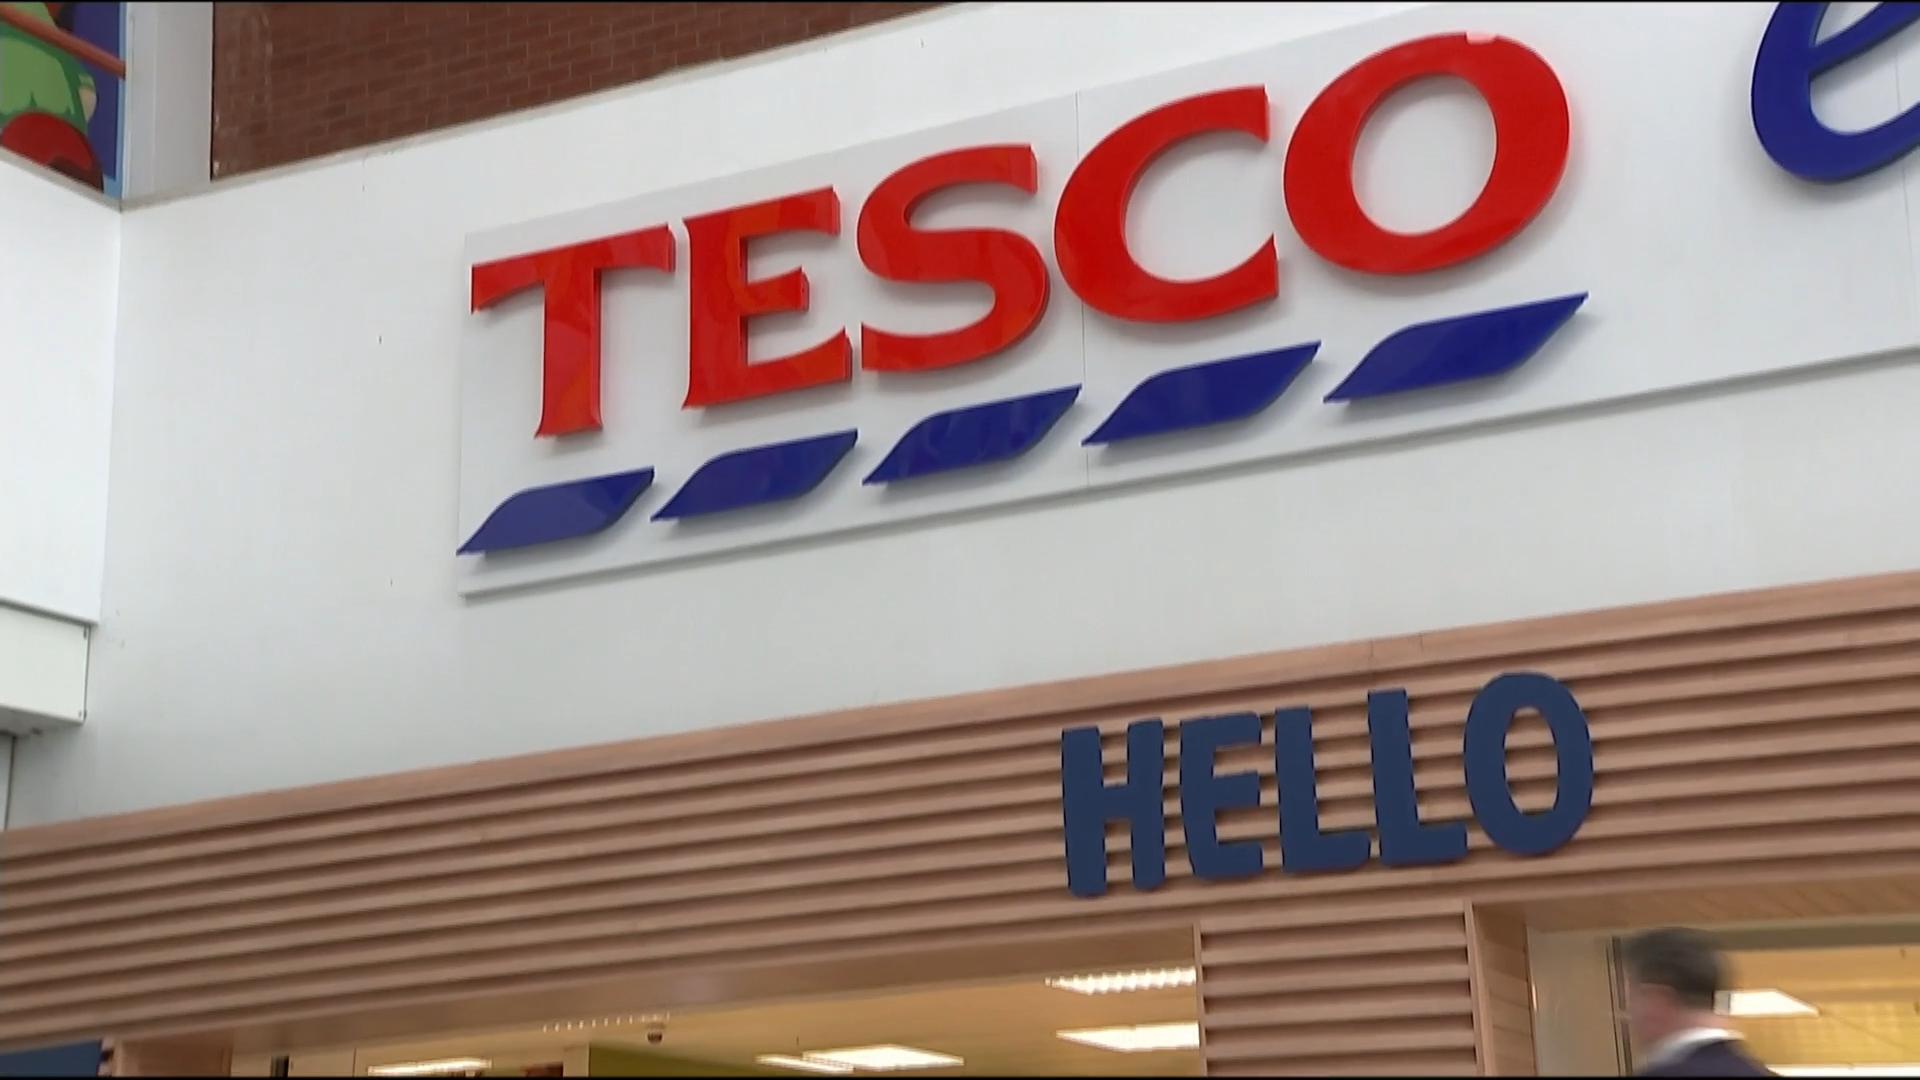 Кибератака на два дня парализовала британскую сеть продуктовых магазинов Tesco